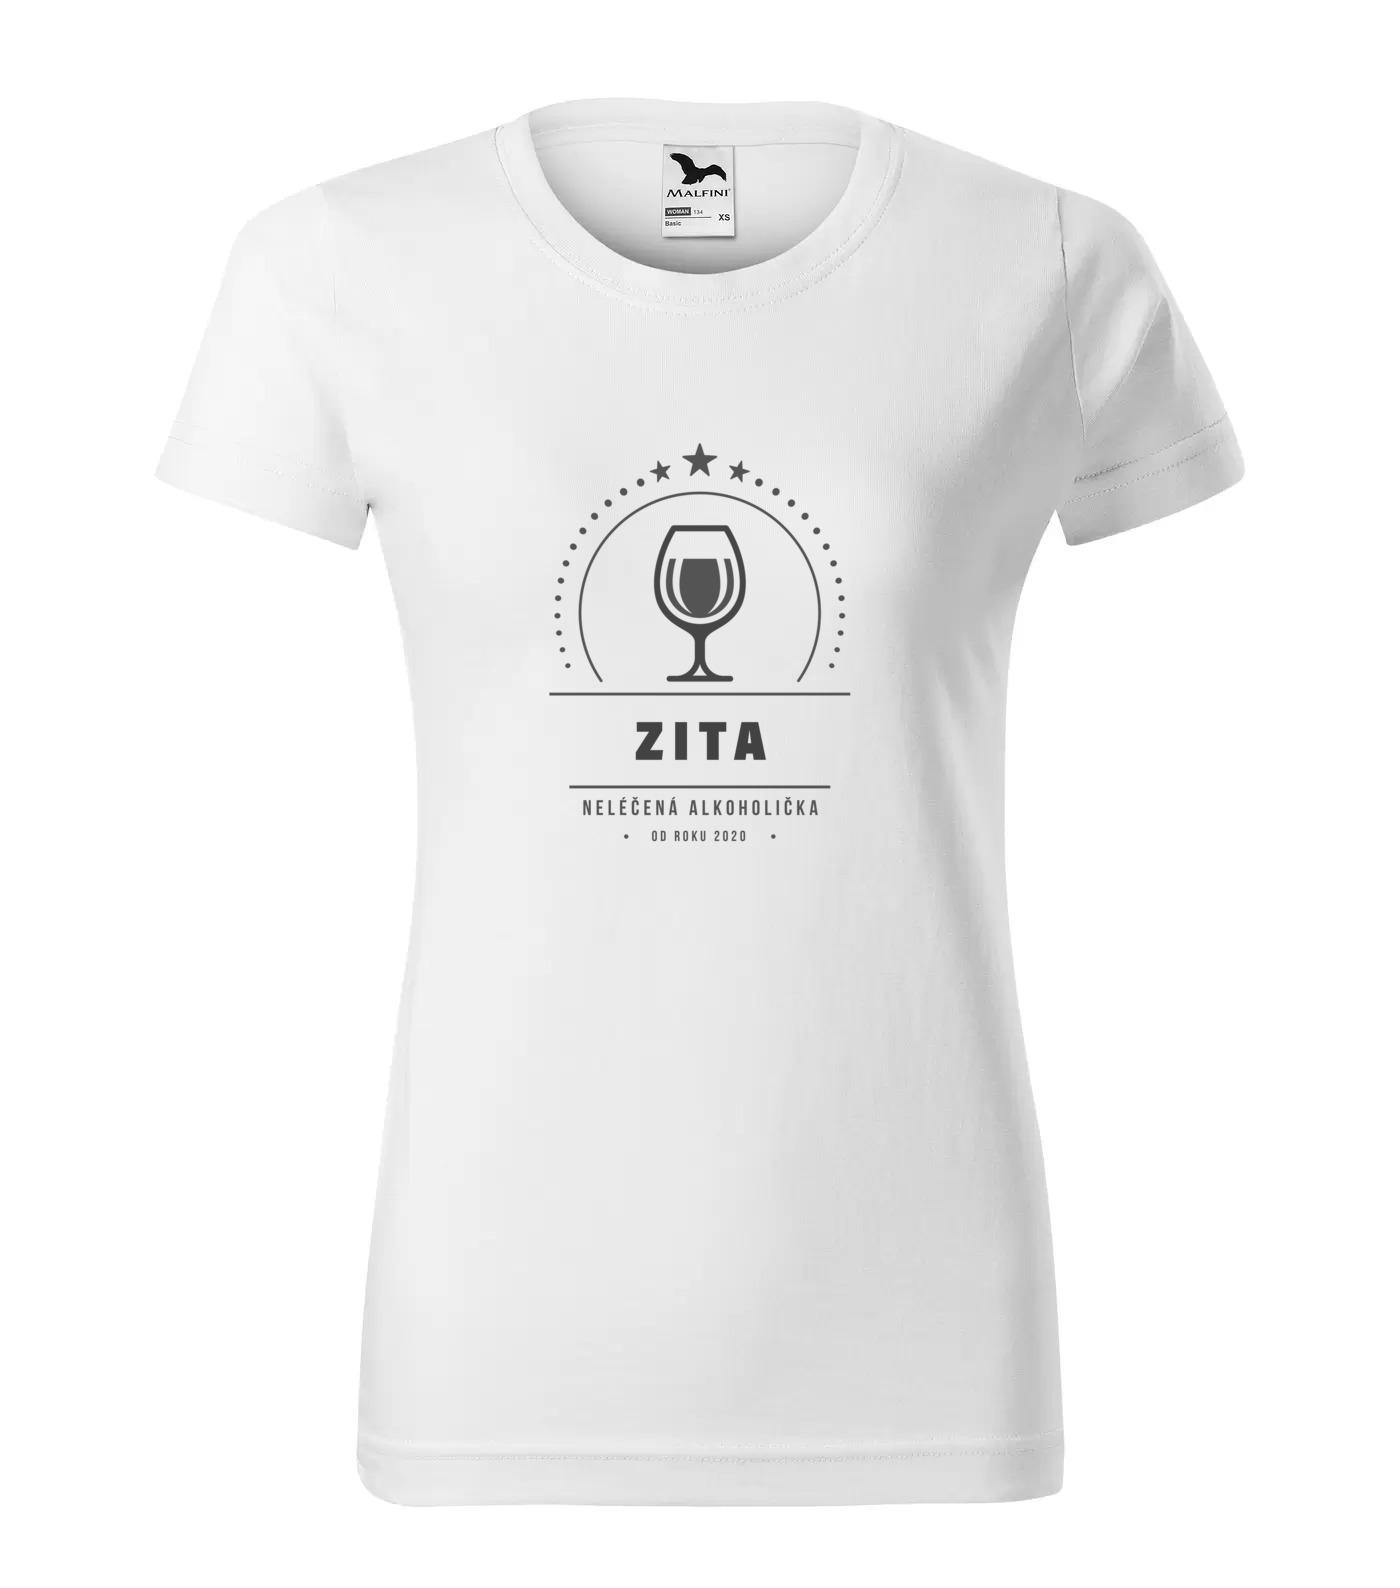 Tričko Alkoholička Zita